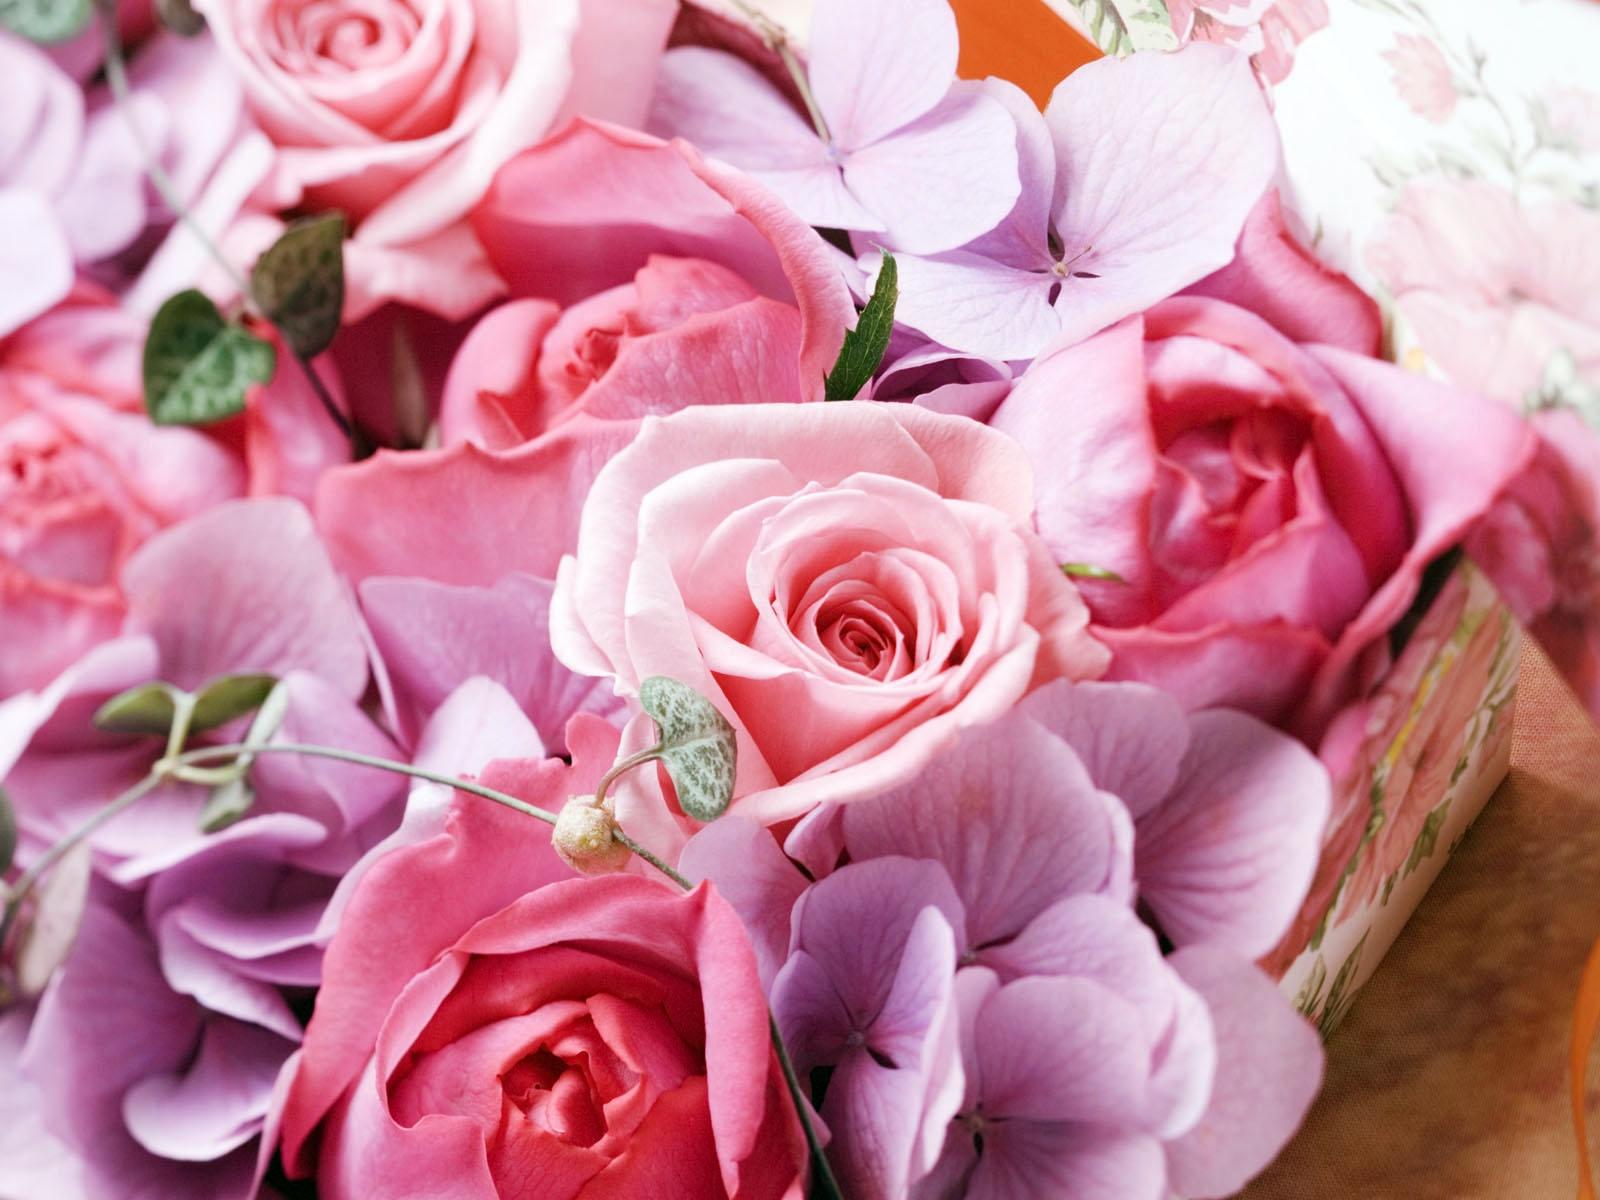 любит рассказывать красивые цветы картинки фото открытки плакат